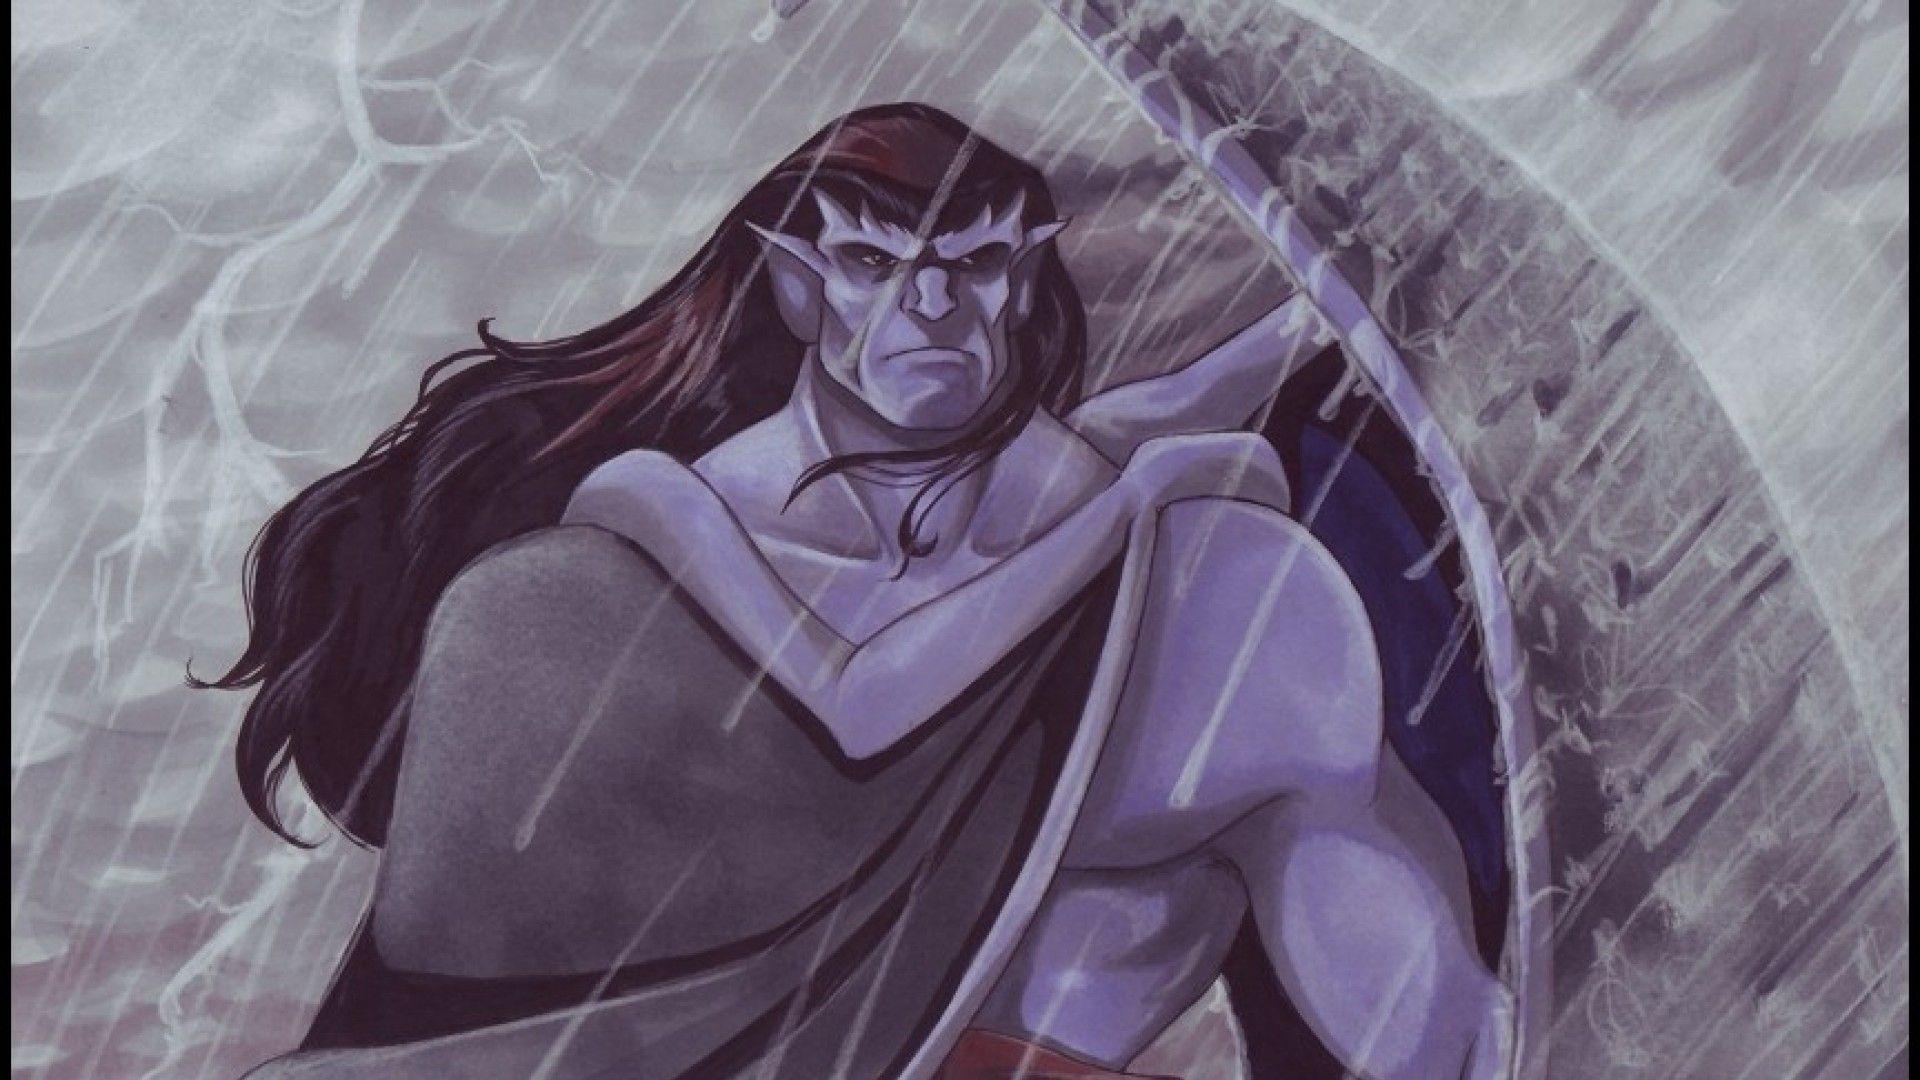 Rain Artwork Goliath Gargoyles Wallpaper Goliath Gargoyles Gargoyles Art Gargoyles Cartoon